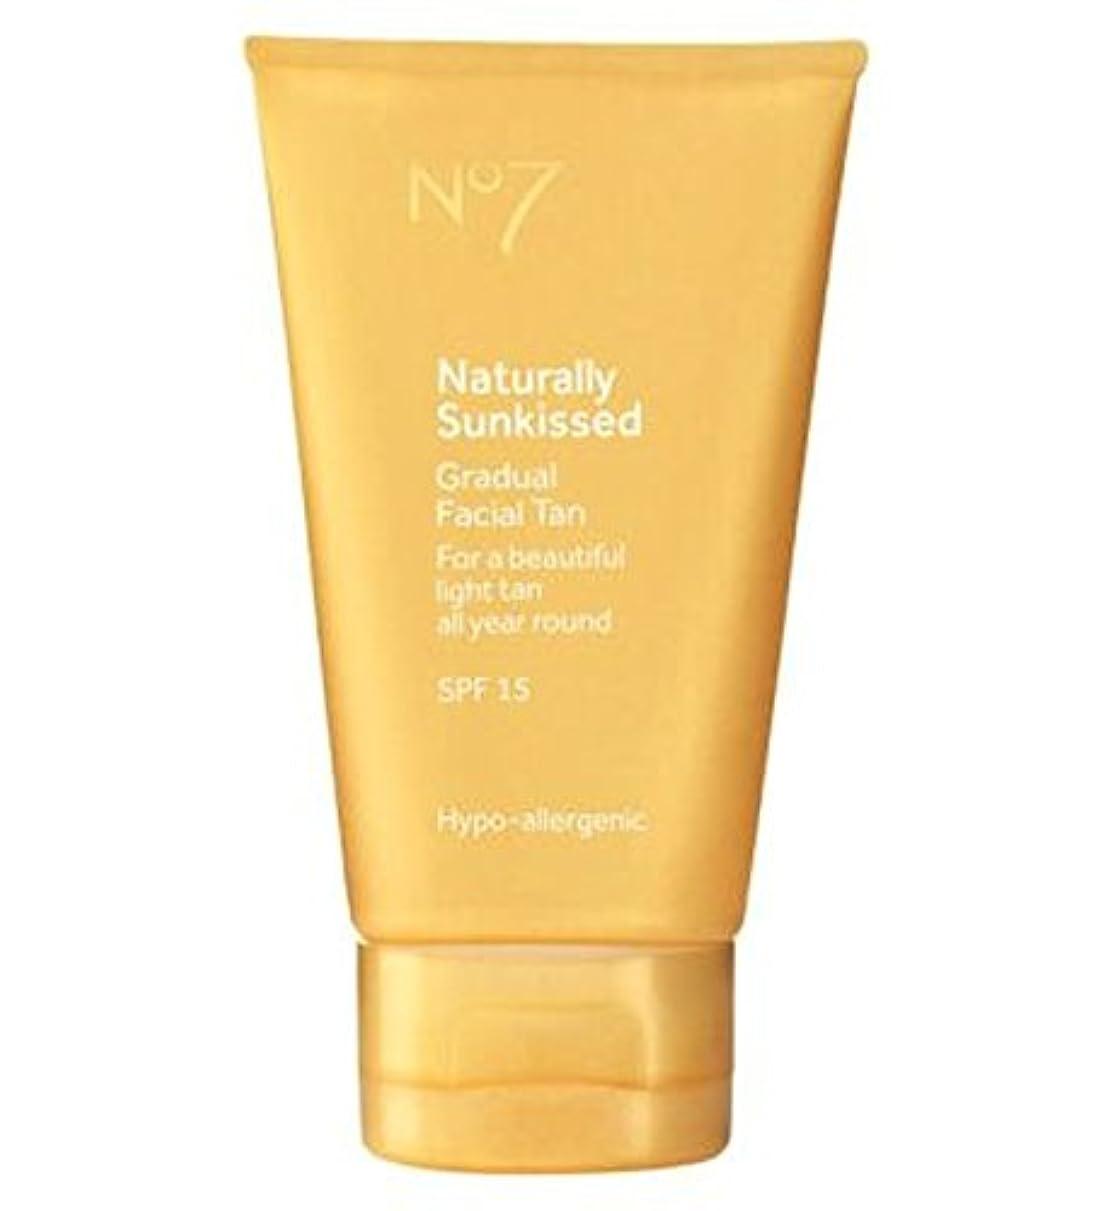 しないでください休日破産No7は自然に太陽が緩やかな顔日焼けSp15にキスをしました (No7) (x2) - No7 Naturally Sun Kissed Gradual Face Tan SP15 (Pack of 2) [並行輸入品]